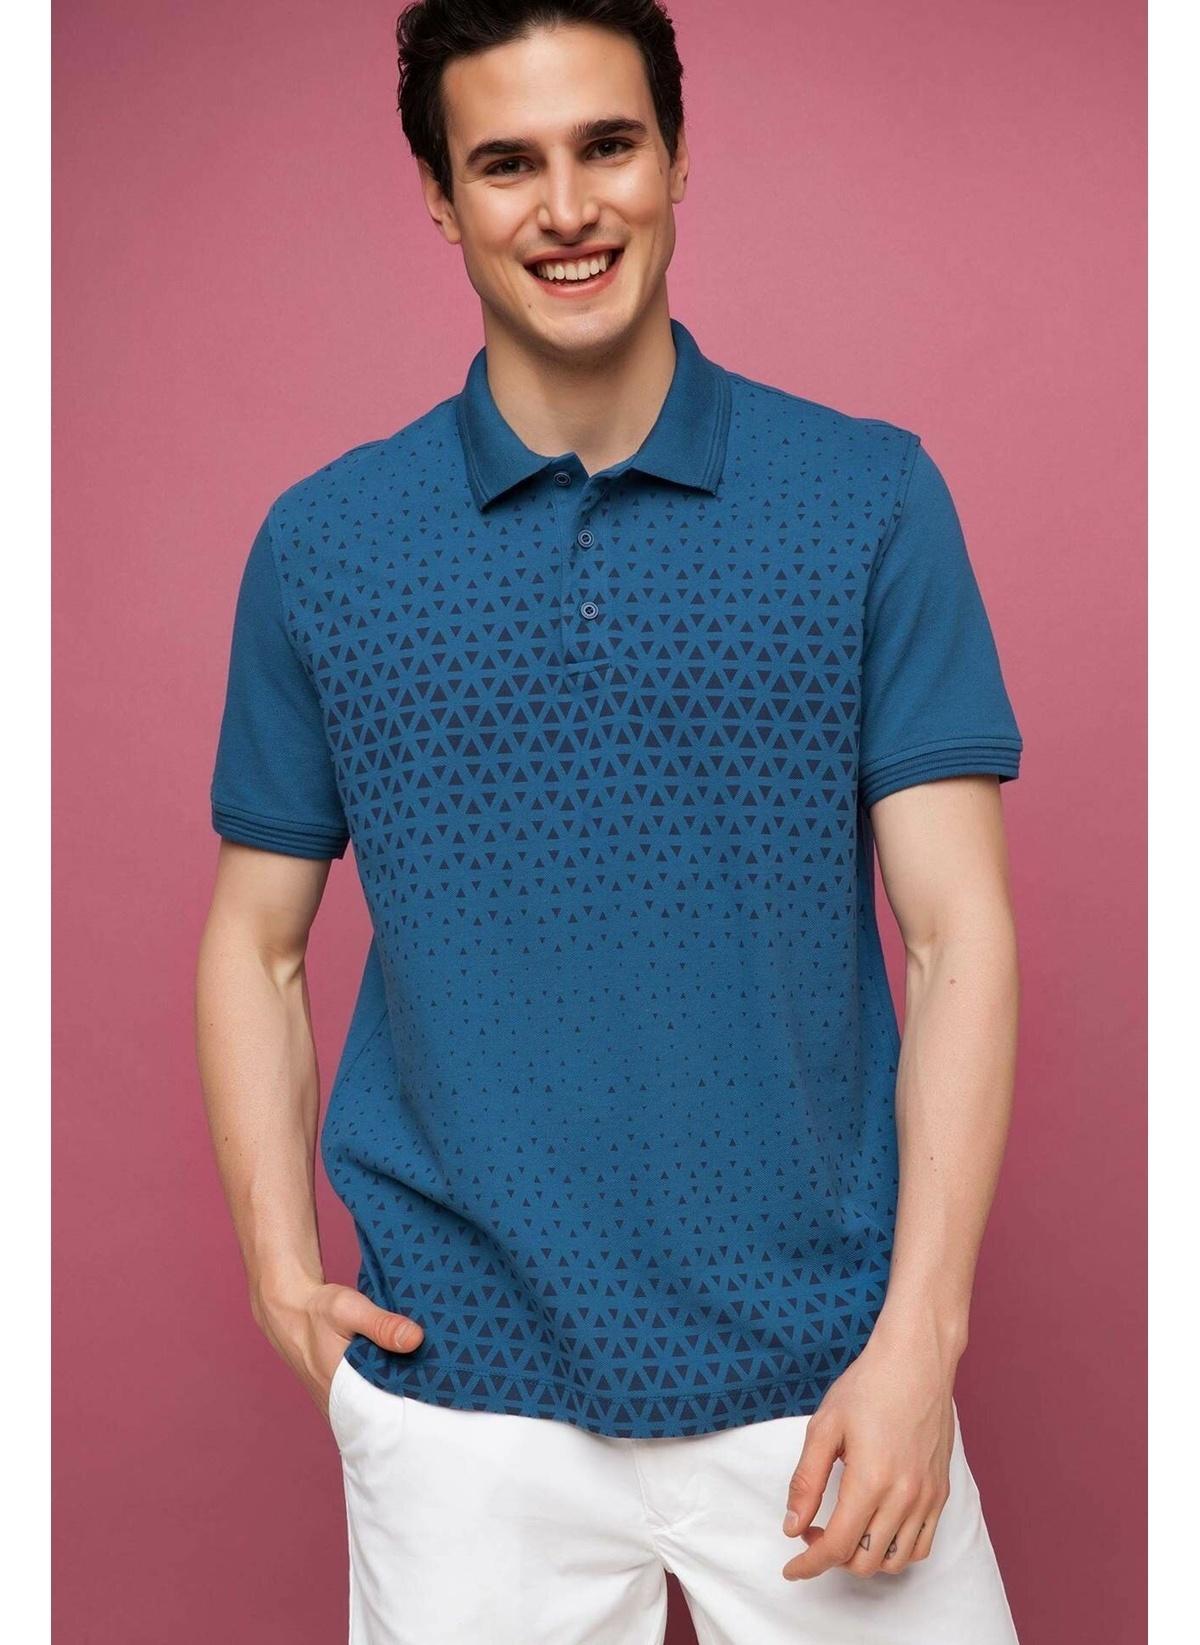 Defacto Tişört G9897az17smbe376t-shirt – 29.99 TL